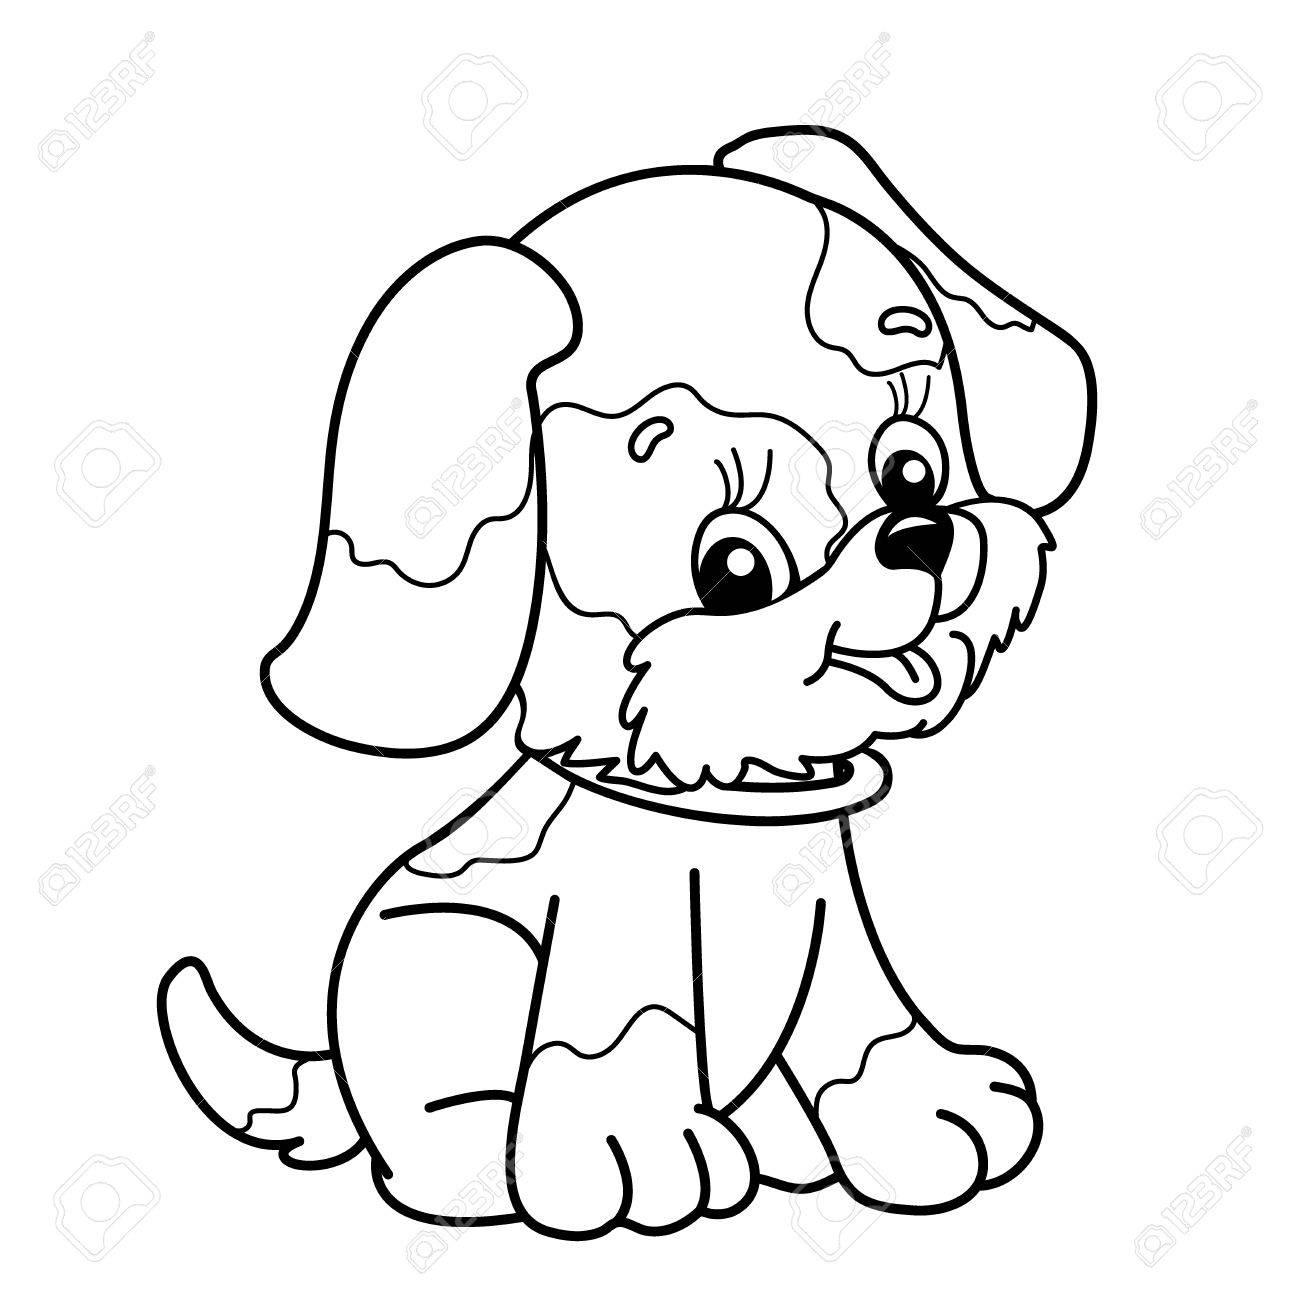 Esquema De Página Para Colorear De Perro De Dibujos Animados Lindo Cachorro Sentado Mascota Libro De Colorear Para Niños